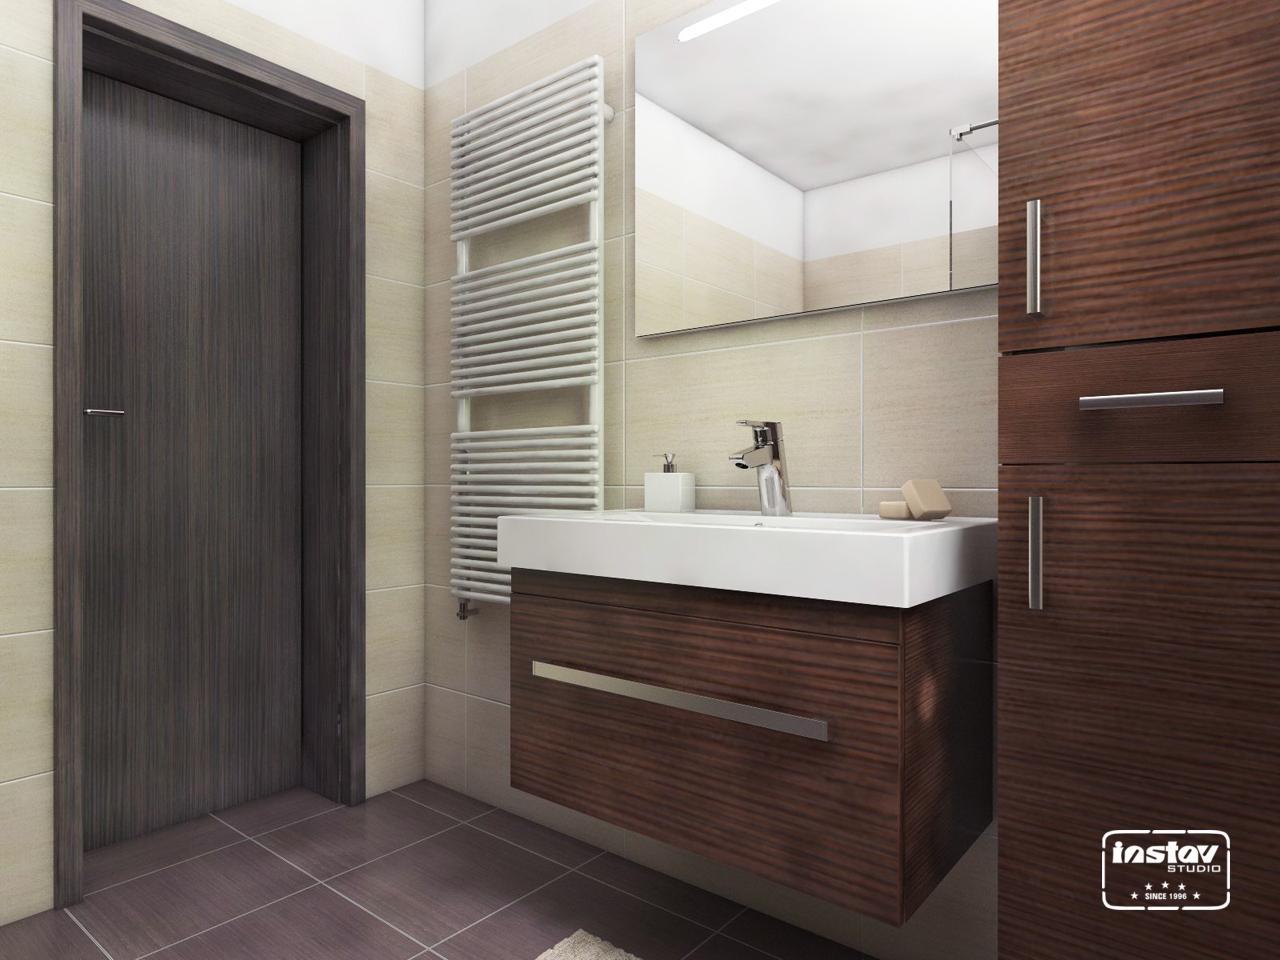 Vizualizácie kúpeľní - Vizualizácia kúpeľne - Meisha